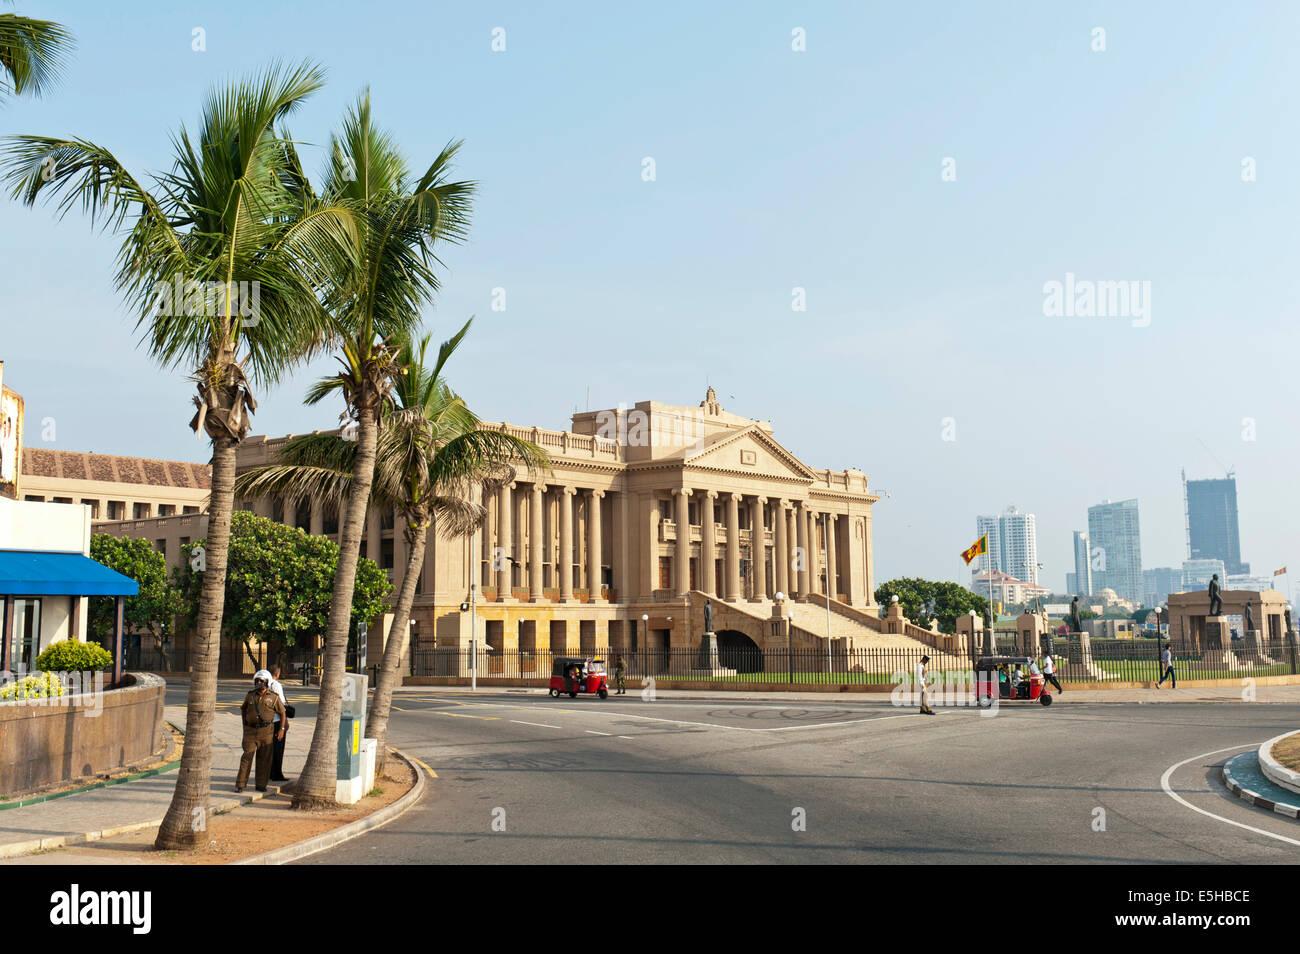 Ancien Parlement, l'architecture néoclassique sous les palmiers, Colombo, Sri Lanka Photo Stock